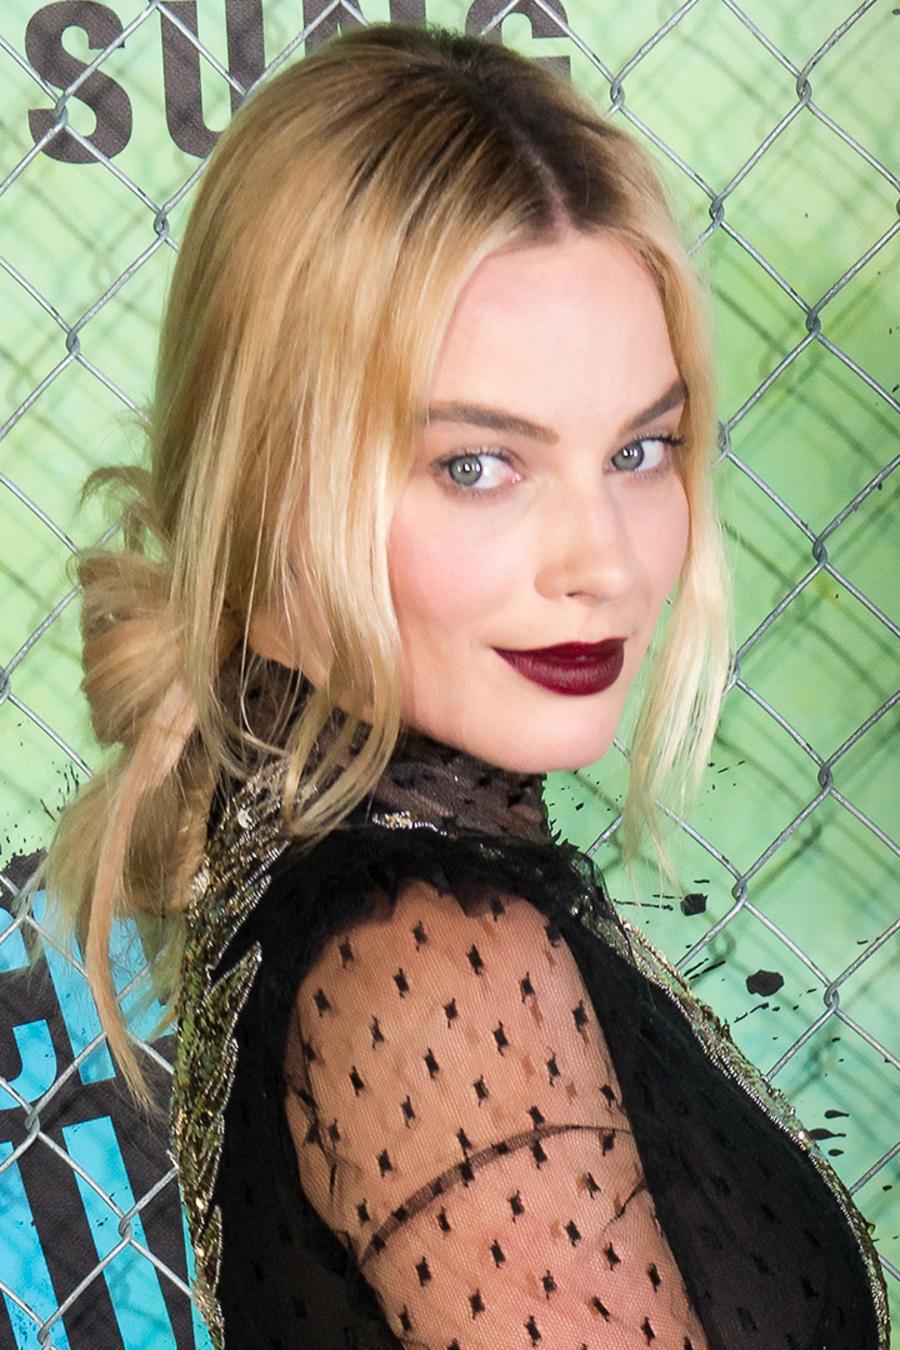 Margot Robbie encabeza la lista de las estrellas más buscadas en IMDB